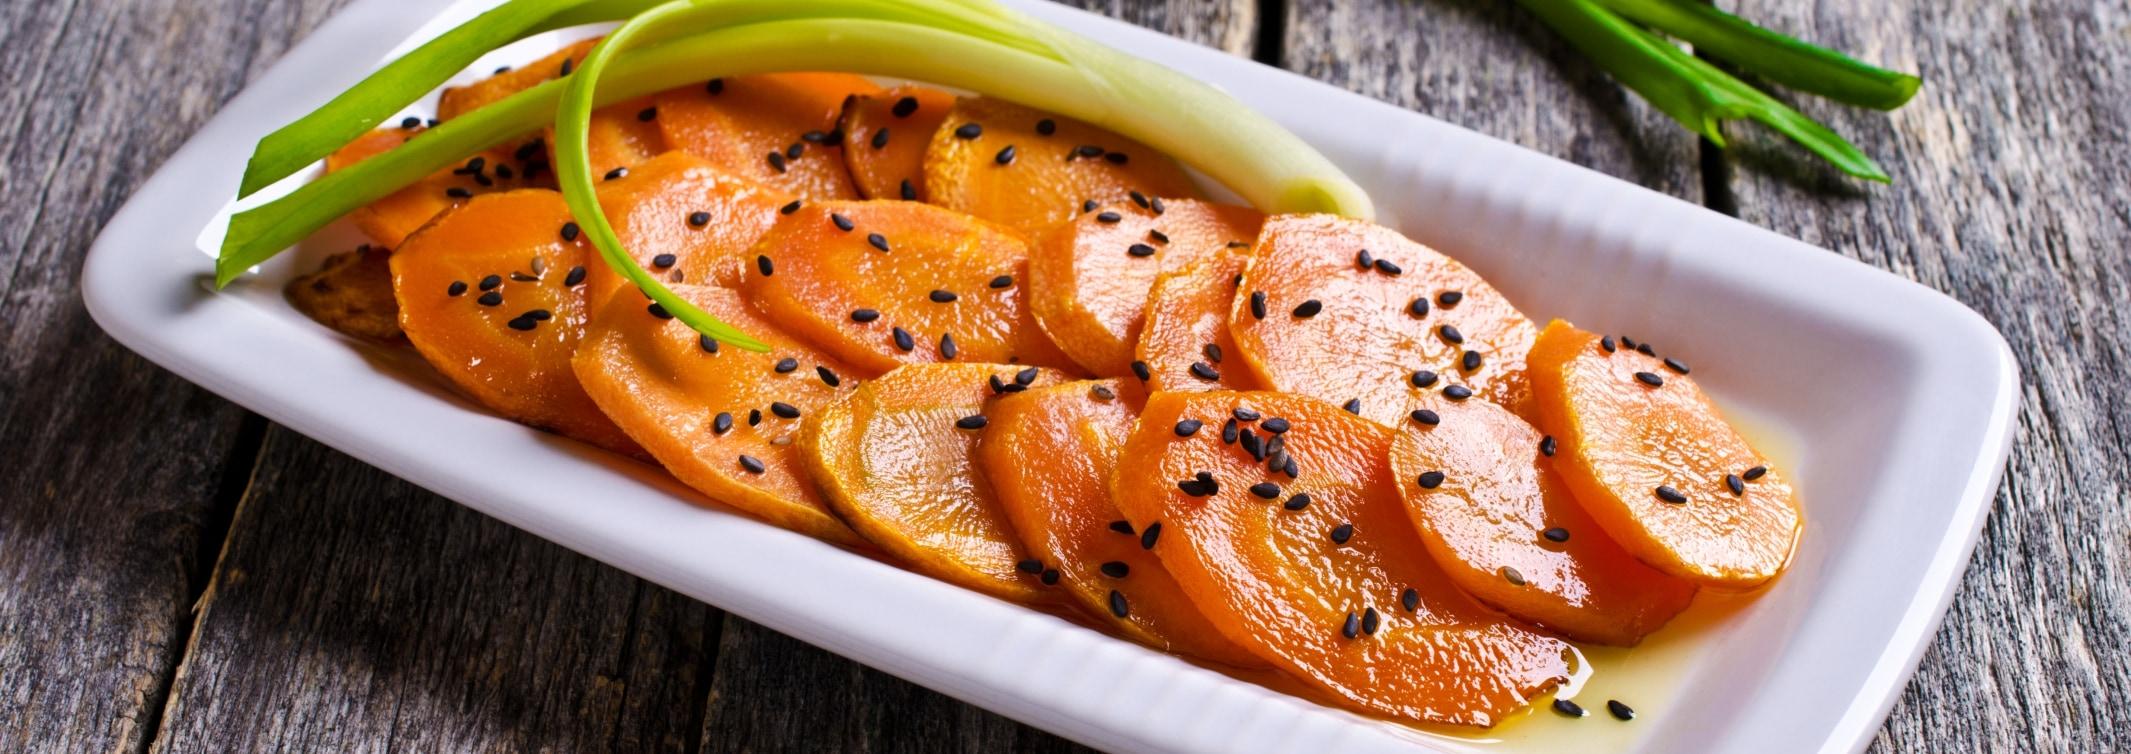 Ezek a legjobb fogyókúrás ételek | Well&fit